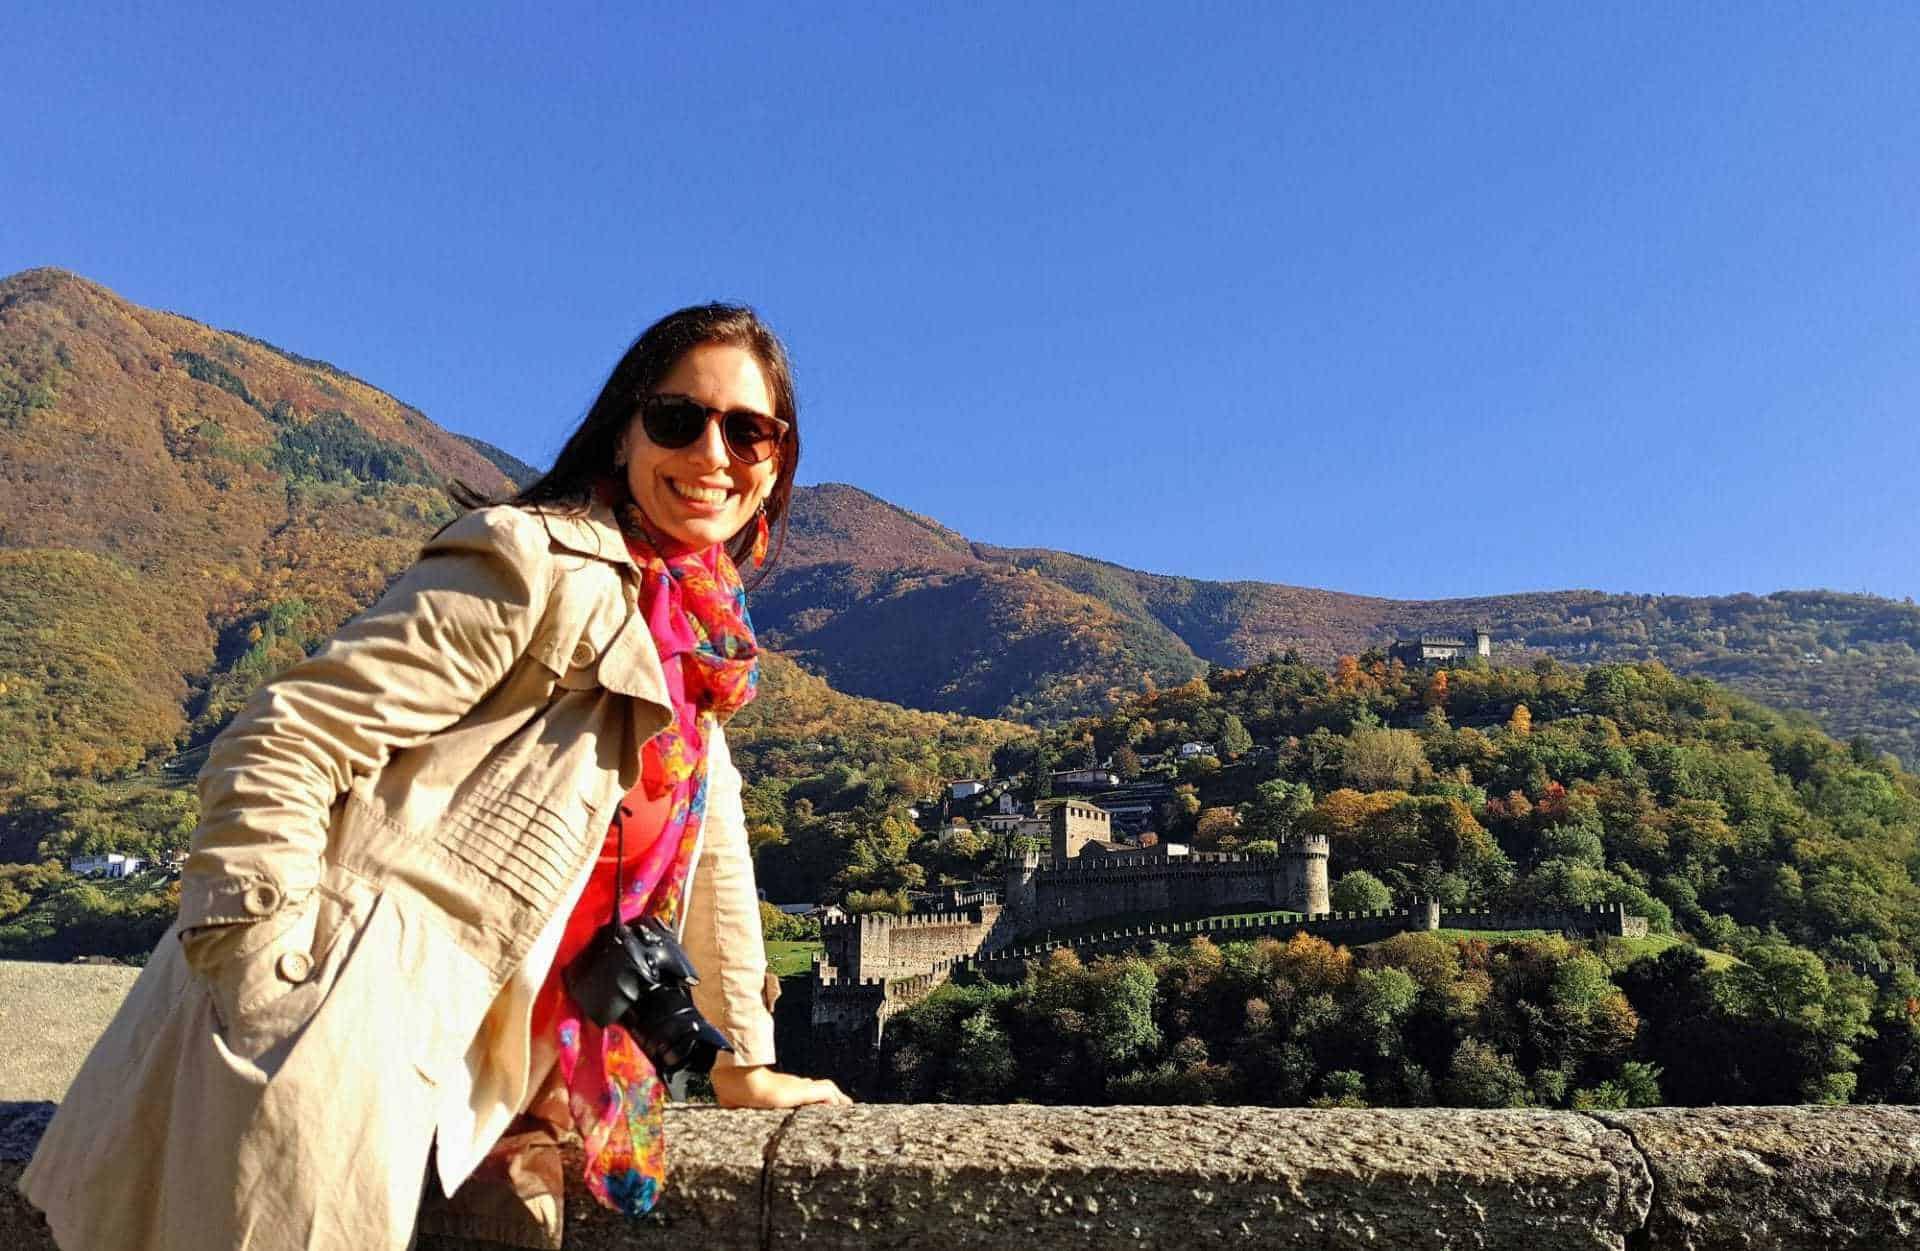 castello_montebello_bellinzona_ticino_svizzera